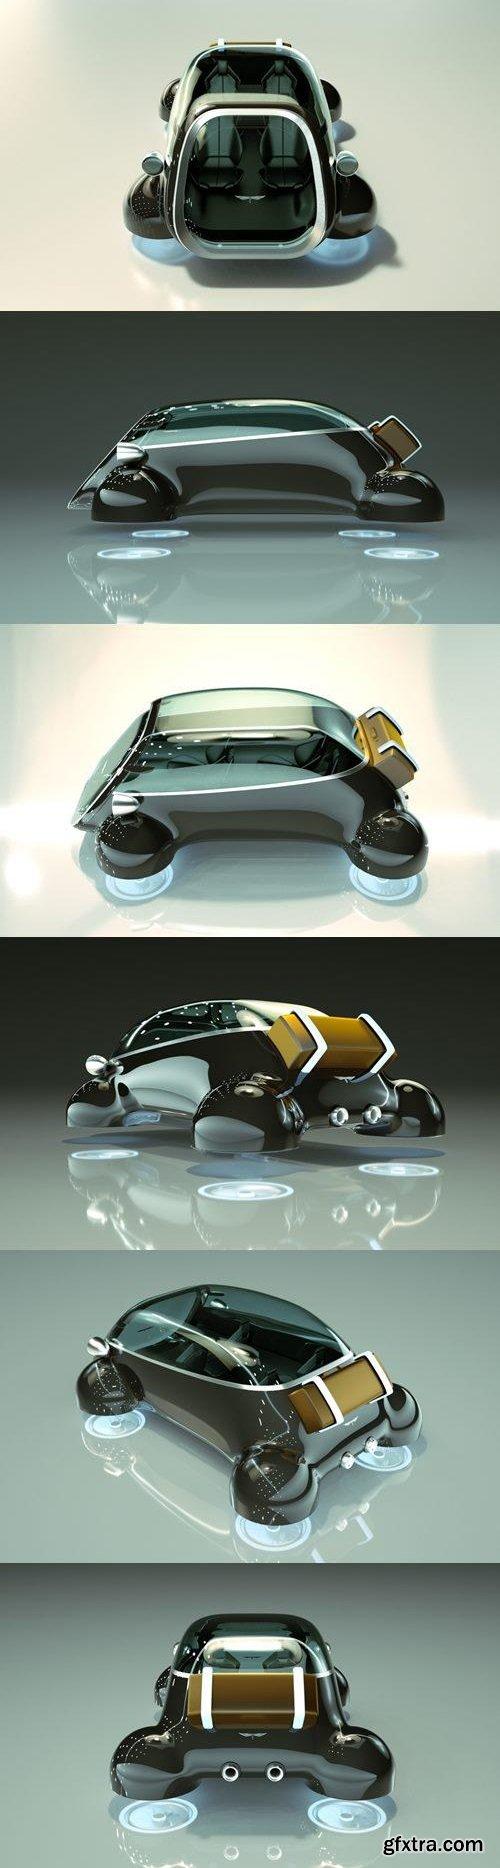 T-Hover Car 08 - 3D Model